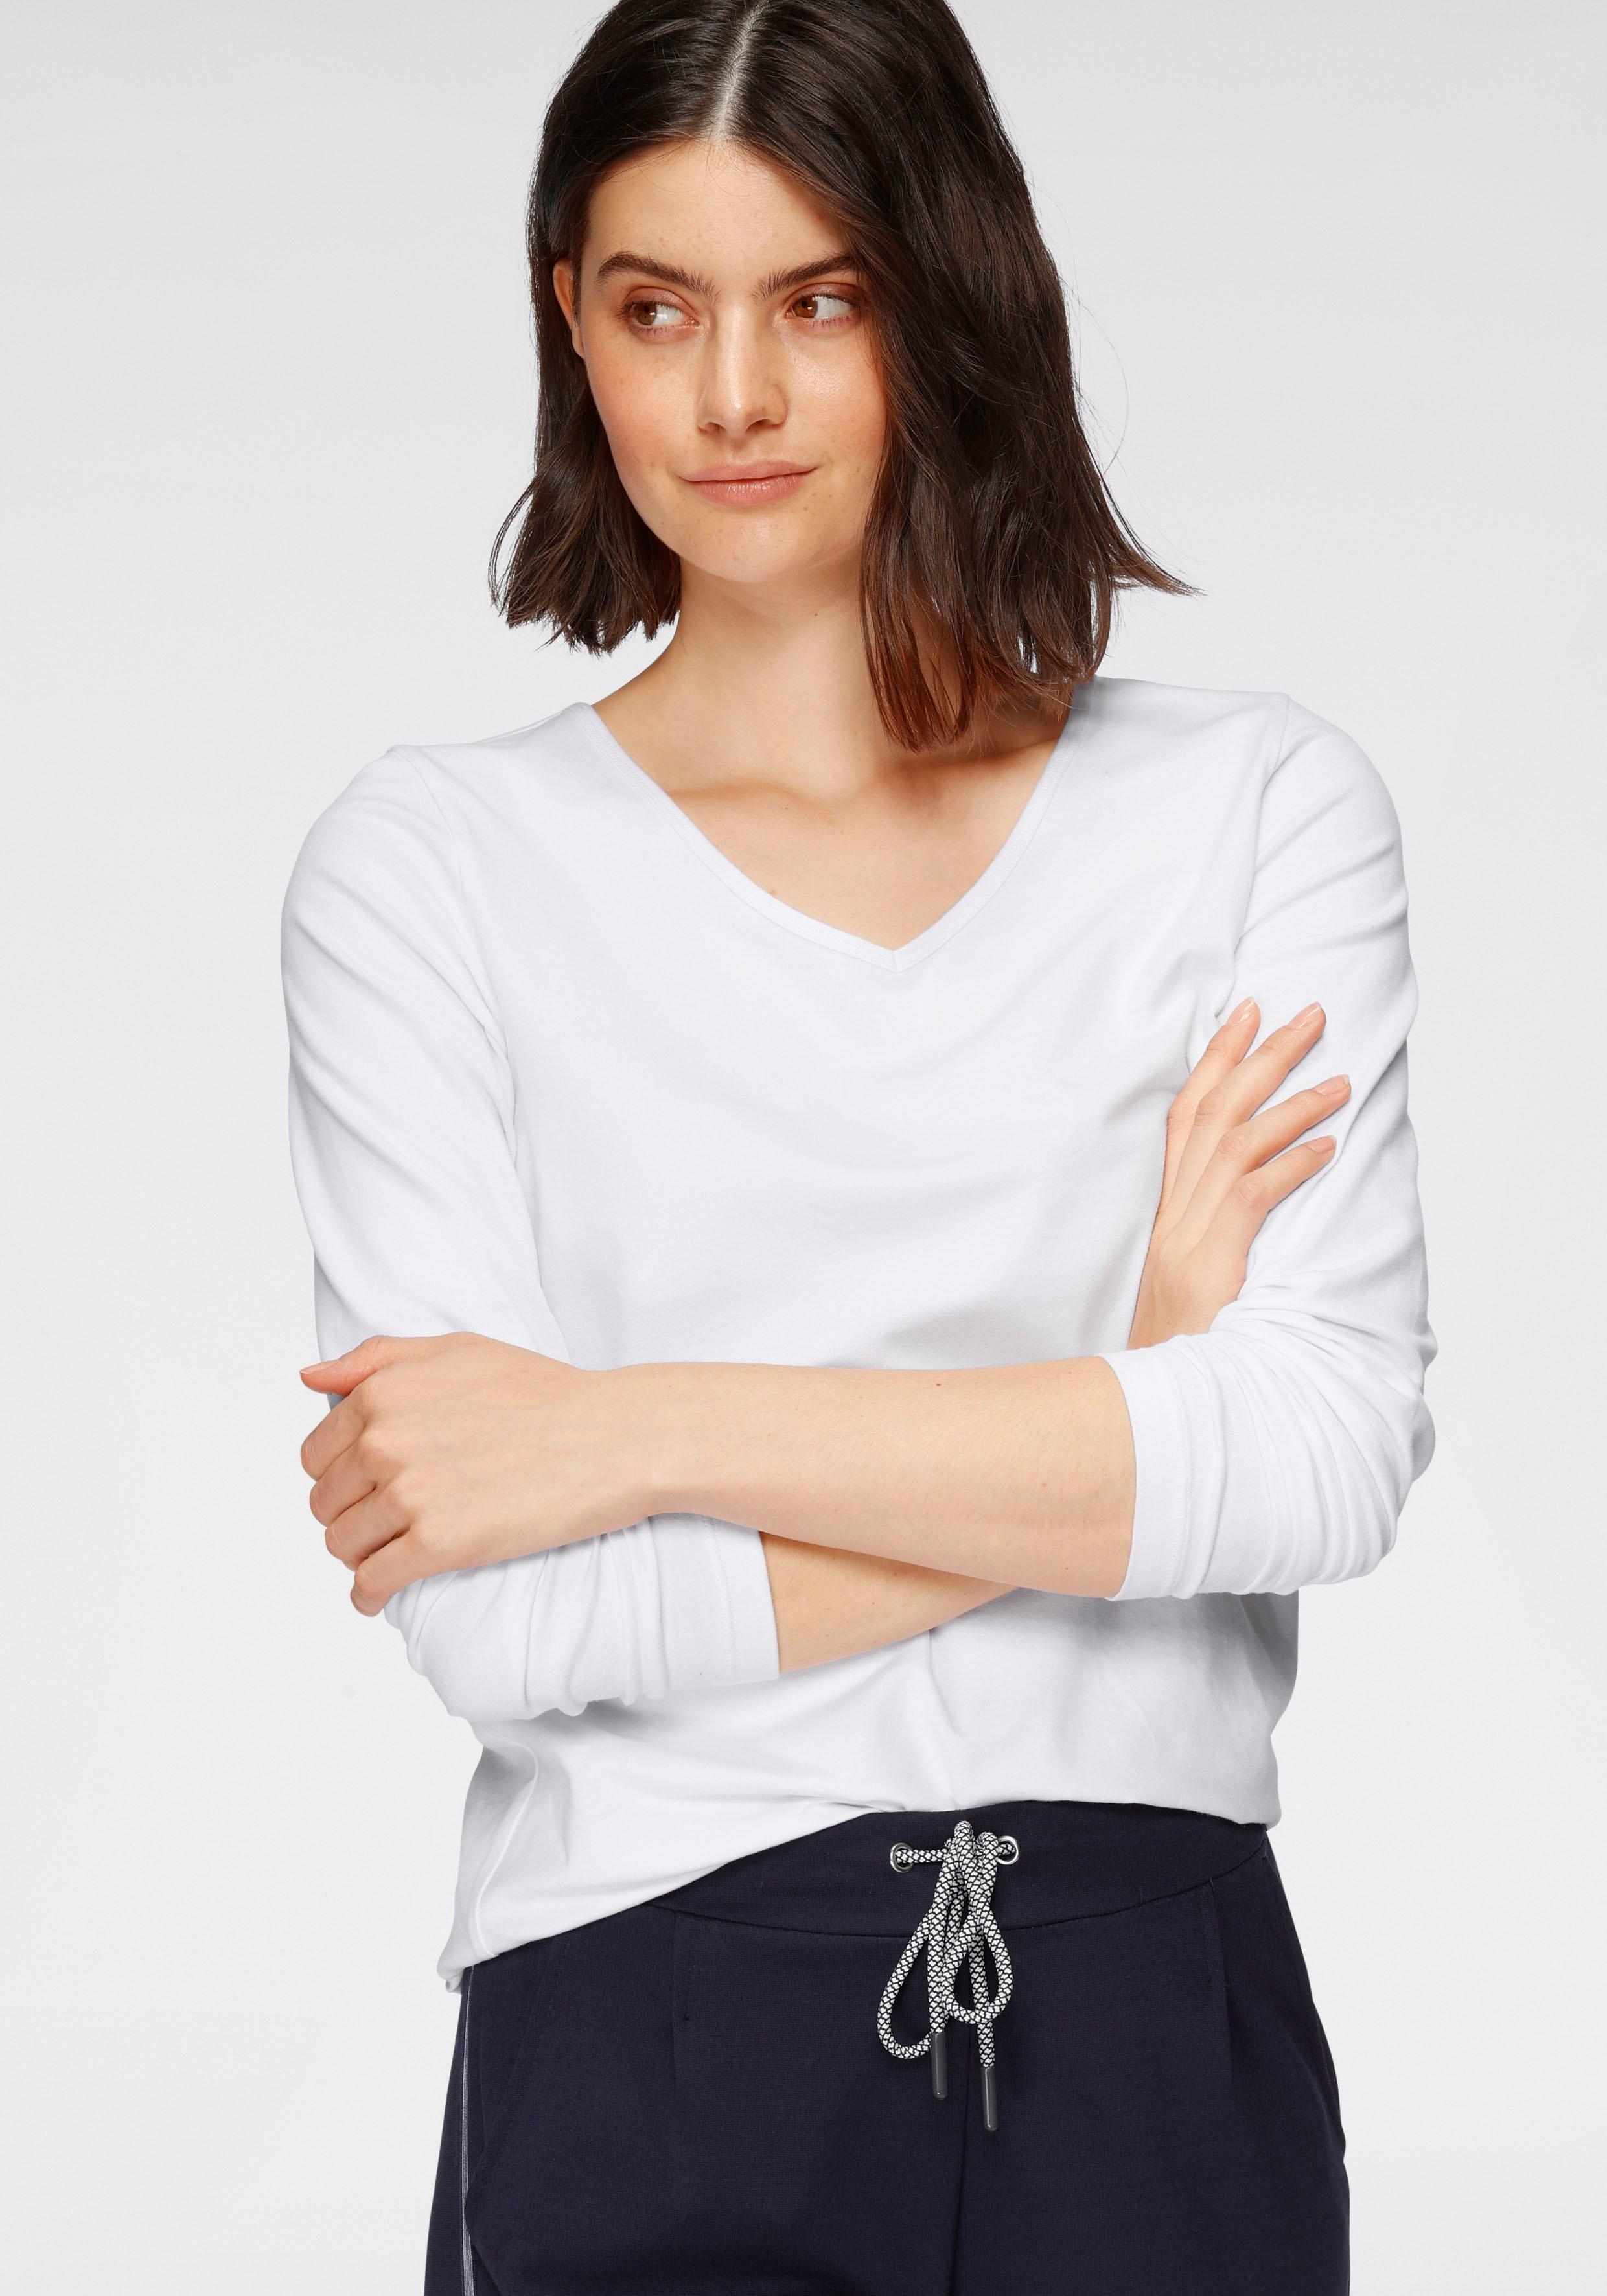 Op zoek naar een OTTO products T-shirt duurzaam van gecertificeerd biokatoen? Koop online bij OTTO